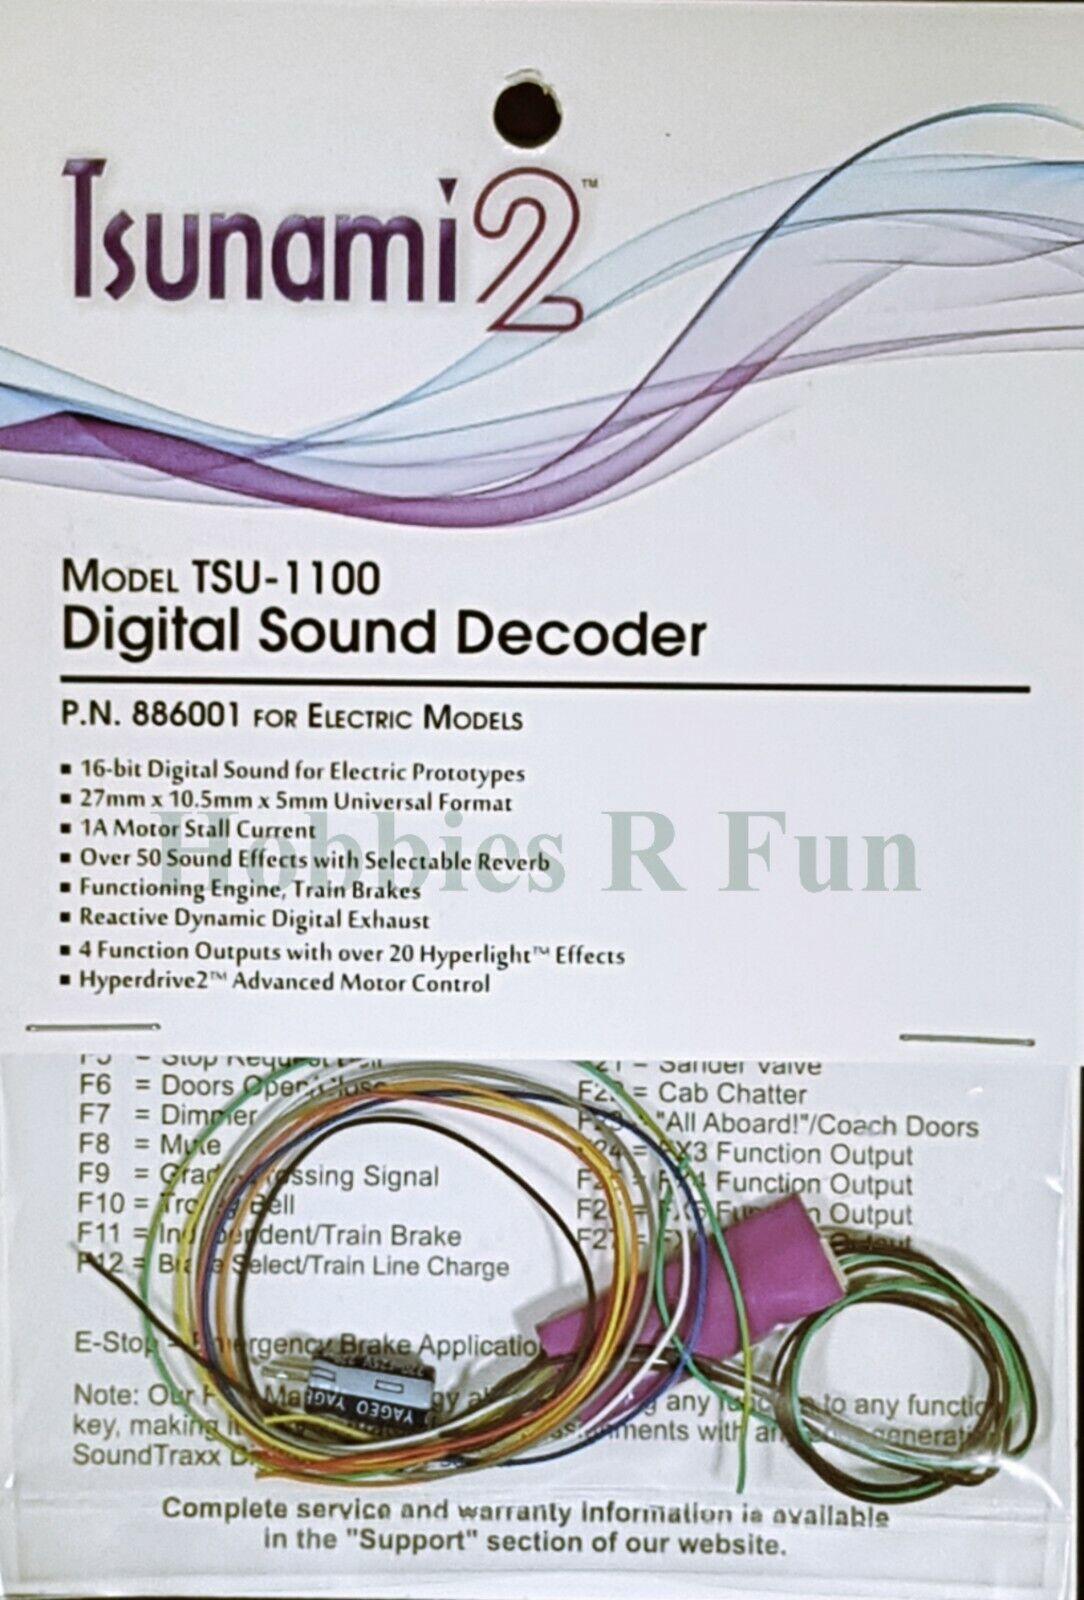 Soundtraxx Tsunami TSU-1100 2 Decodificador de sonido eléctrico loco, versión 1amp Universal